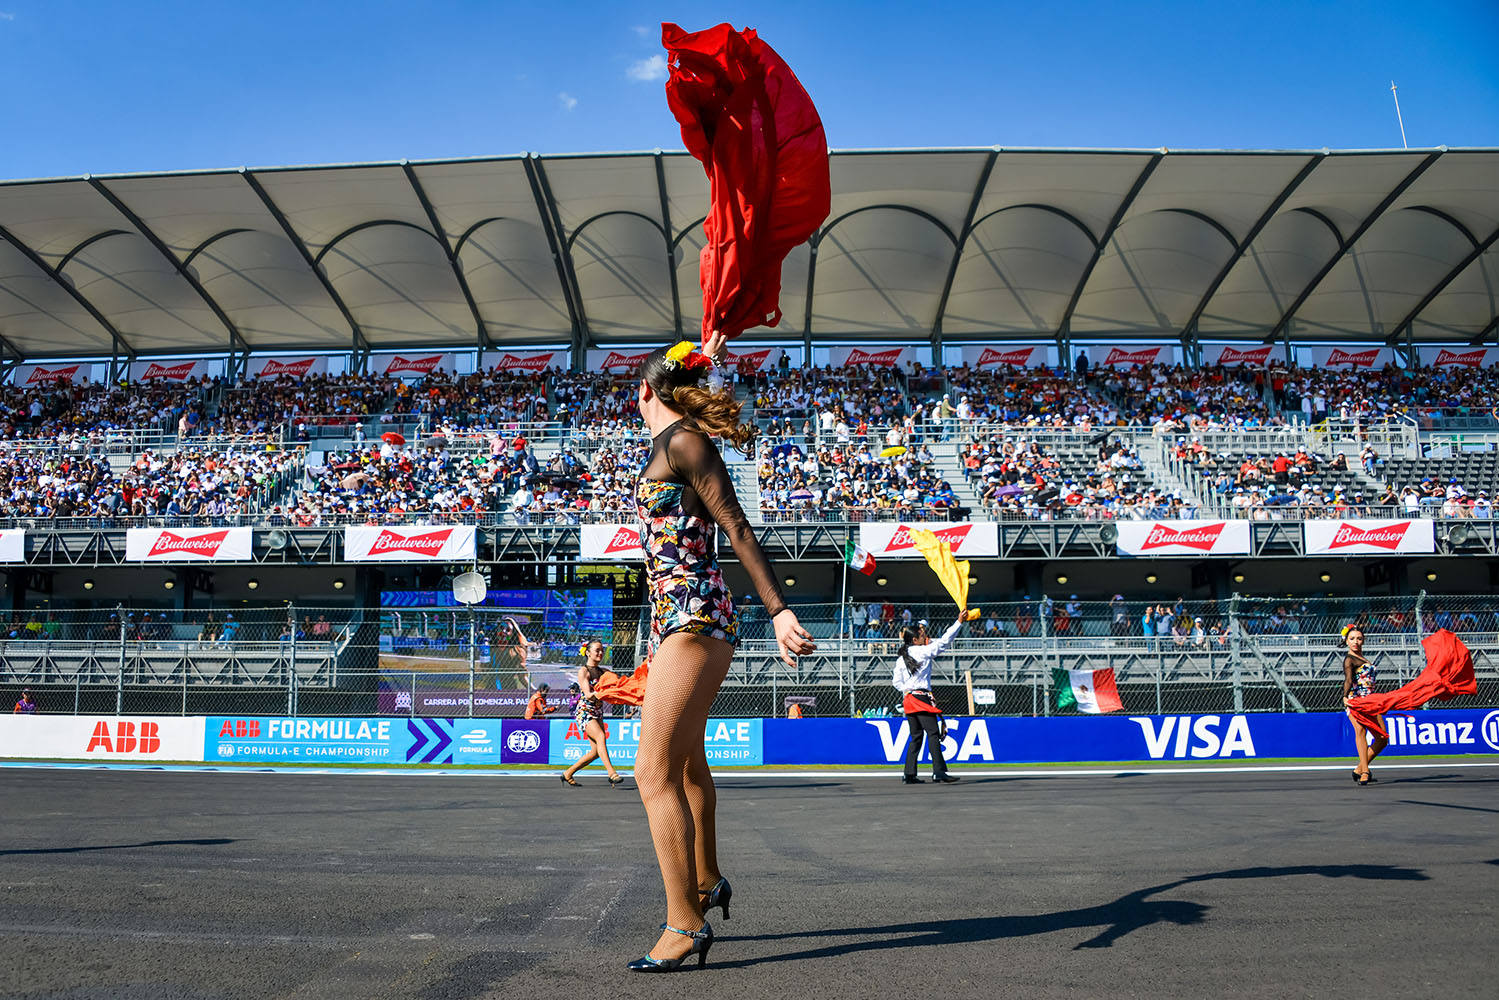 Formula-E-Marta-Rovatti-Studihrad-2018-Mexico-City-HR-MGR_8530